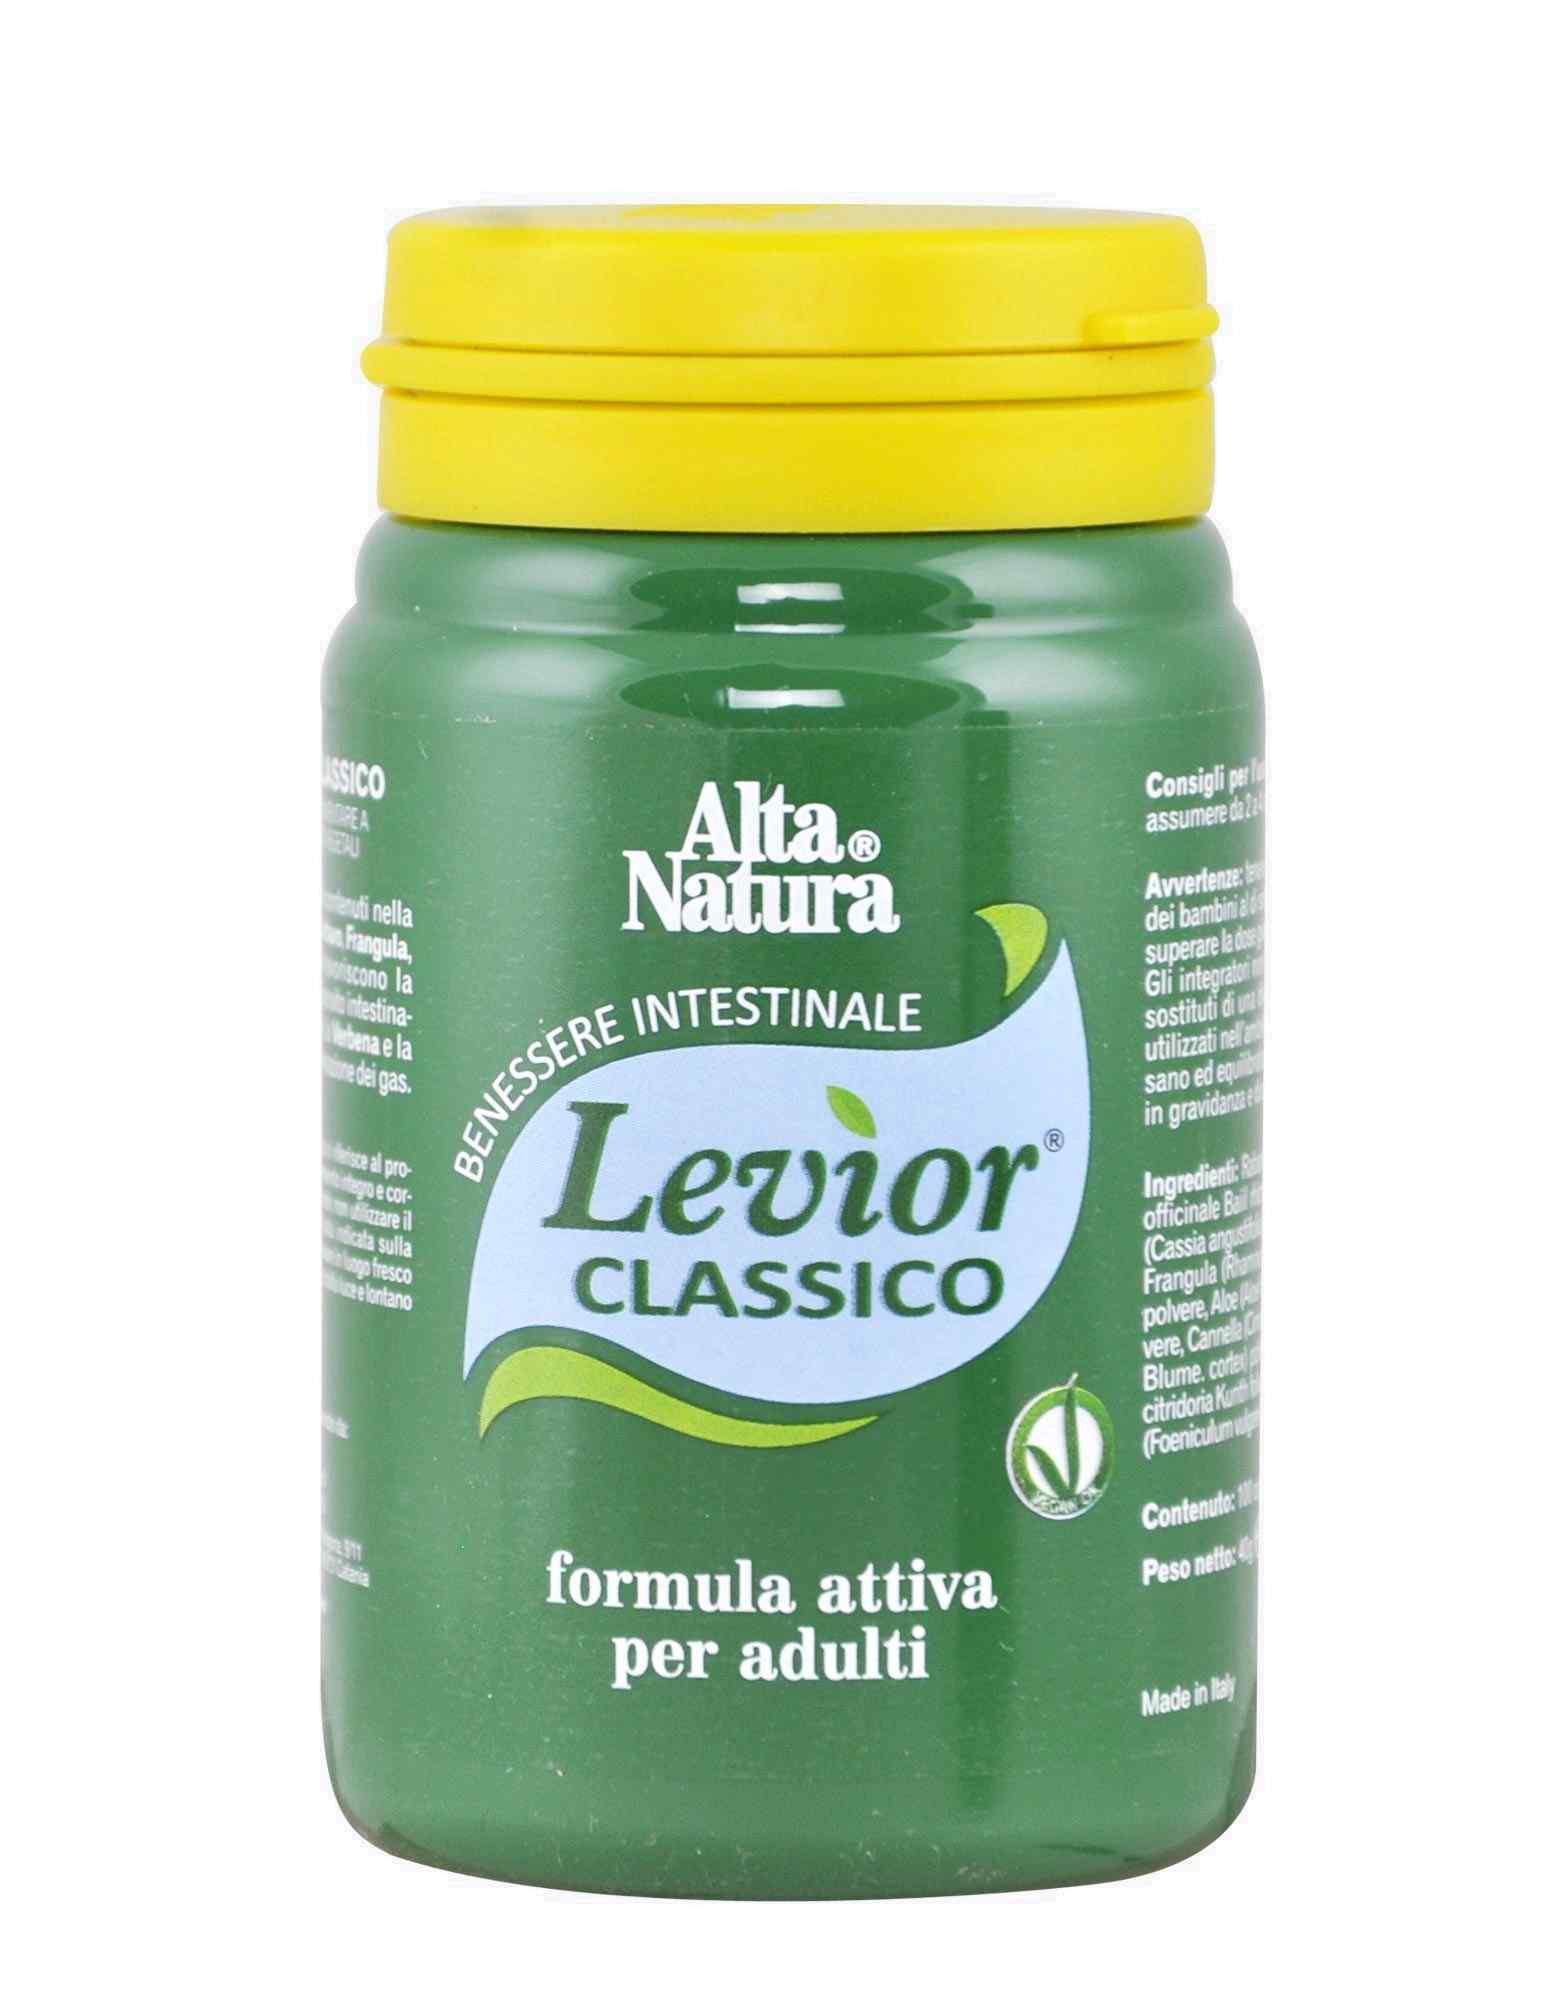 ALTA NATURA LEVIOR CLASSICO 100 COMPRESSE  - Iltuobenessereonline.it